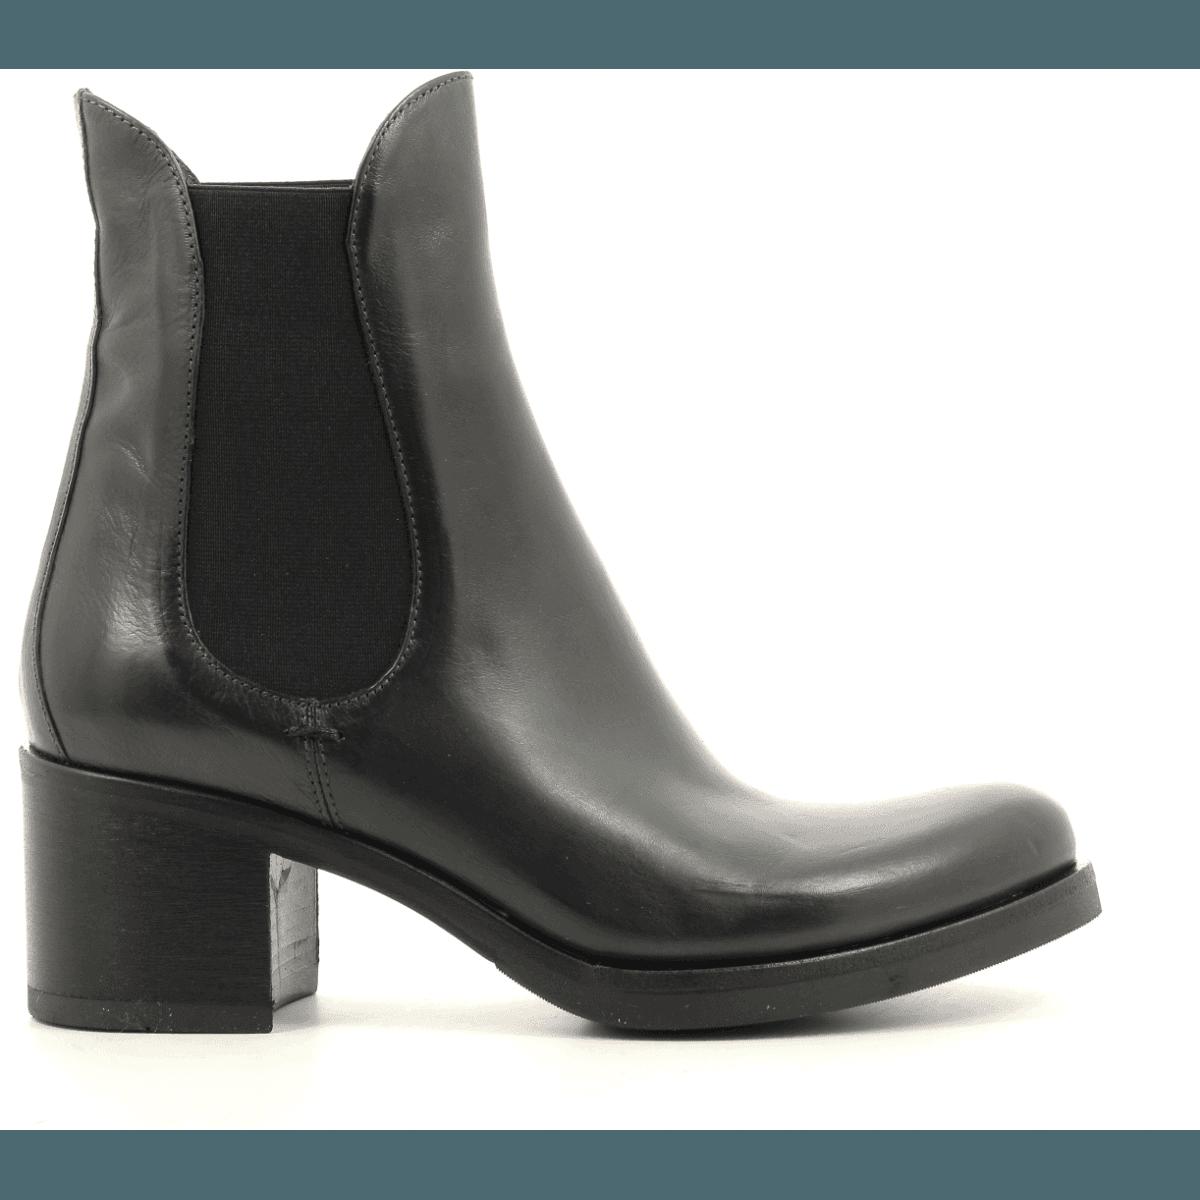 Bottines vertes à talon épais fruit shoes Garrice Collection - 5713V